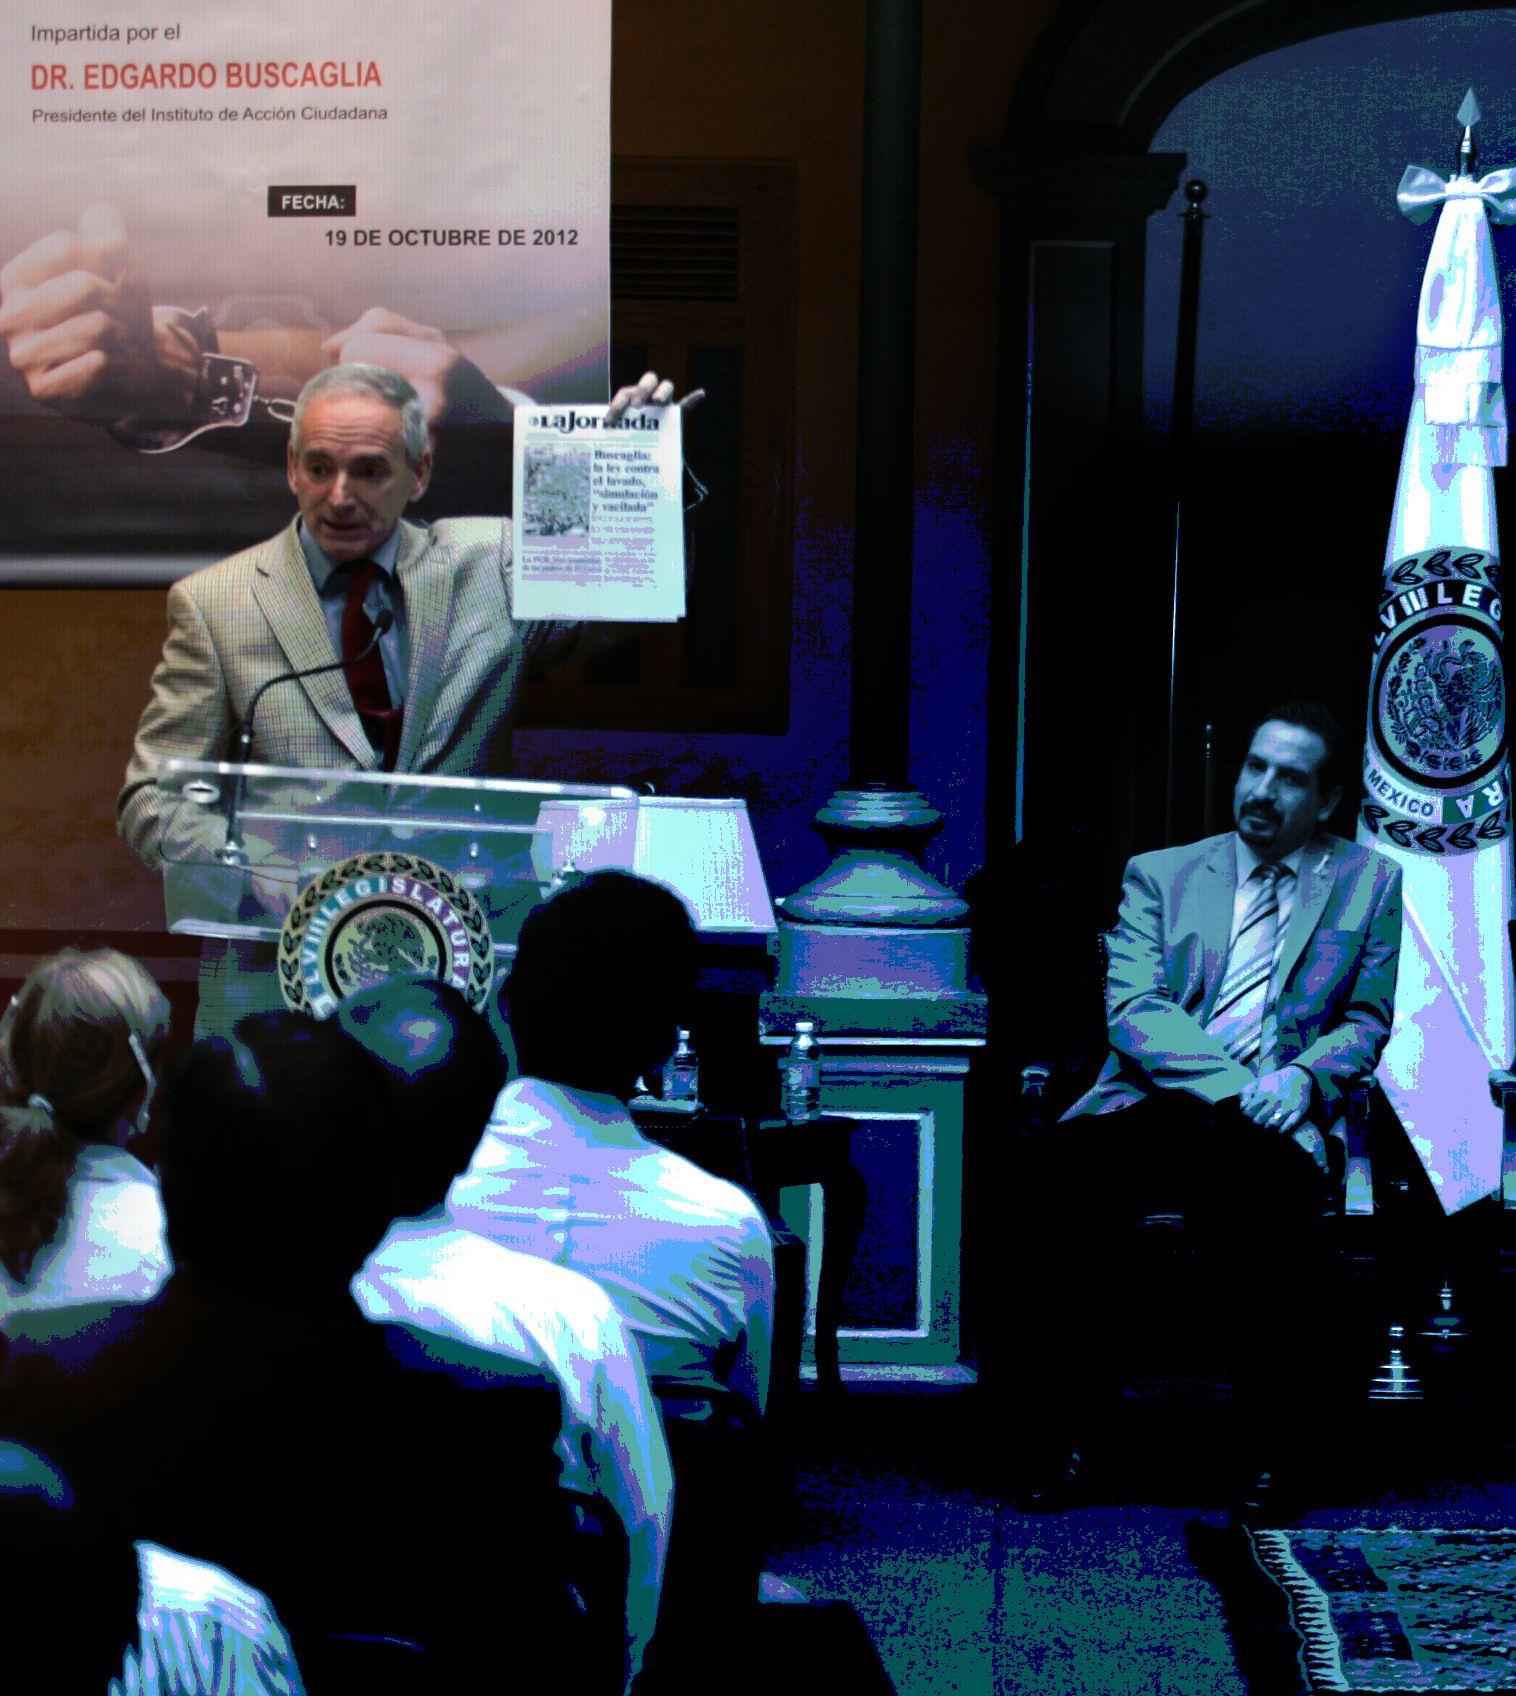 El Dr. Edgardo Buscaglia es Presidente del Instituto de Acción Ciudadana, investigador de la Universidad de Columbia, se ha desempeñado como asesor en la Organización de las Naciones Unidas (ONU) y cuenta con un postdoctorado en Jurisprudencia y Política Social.